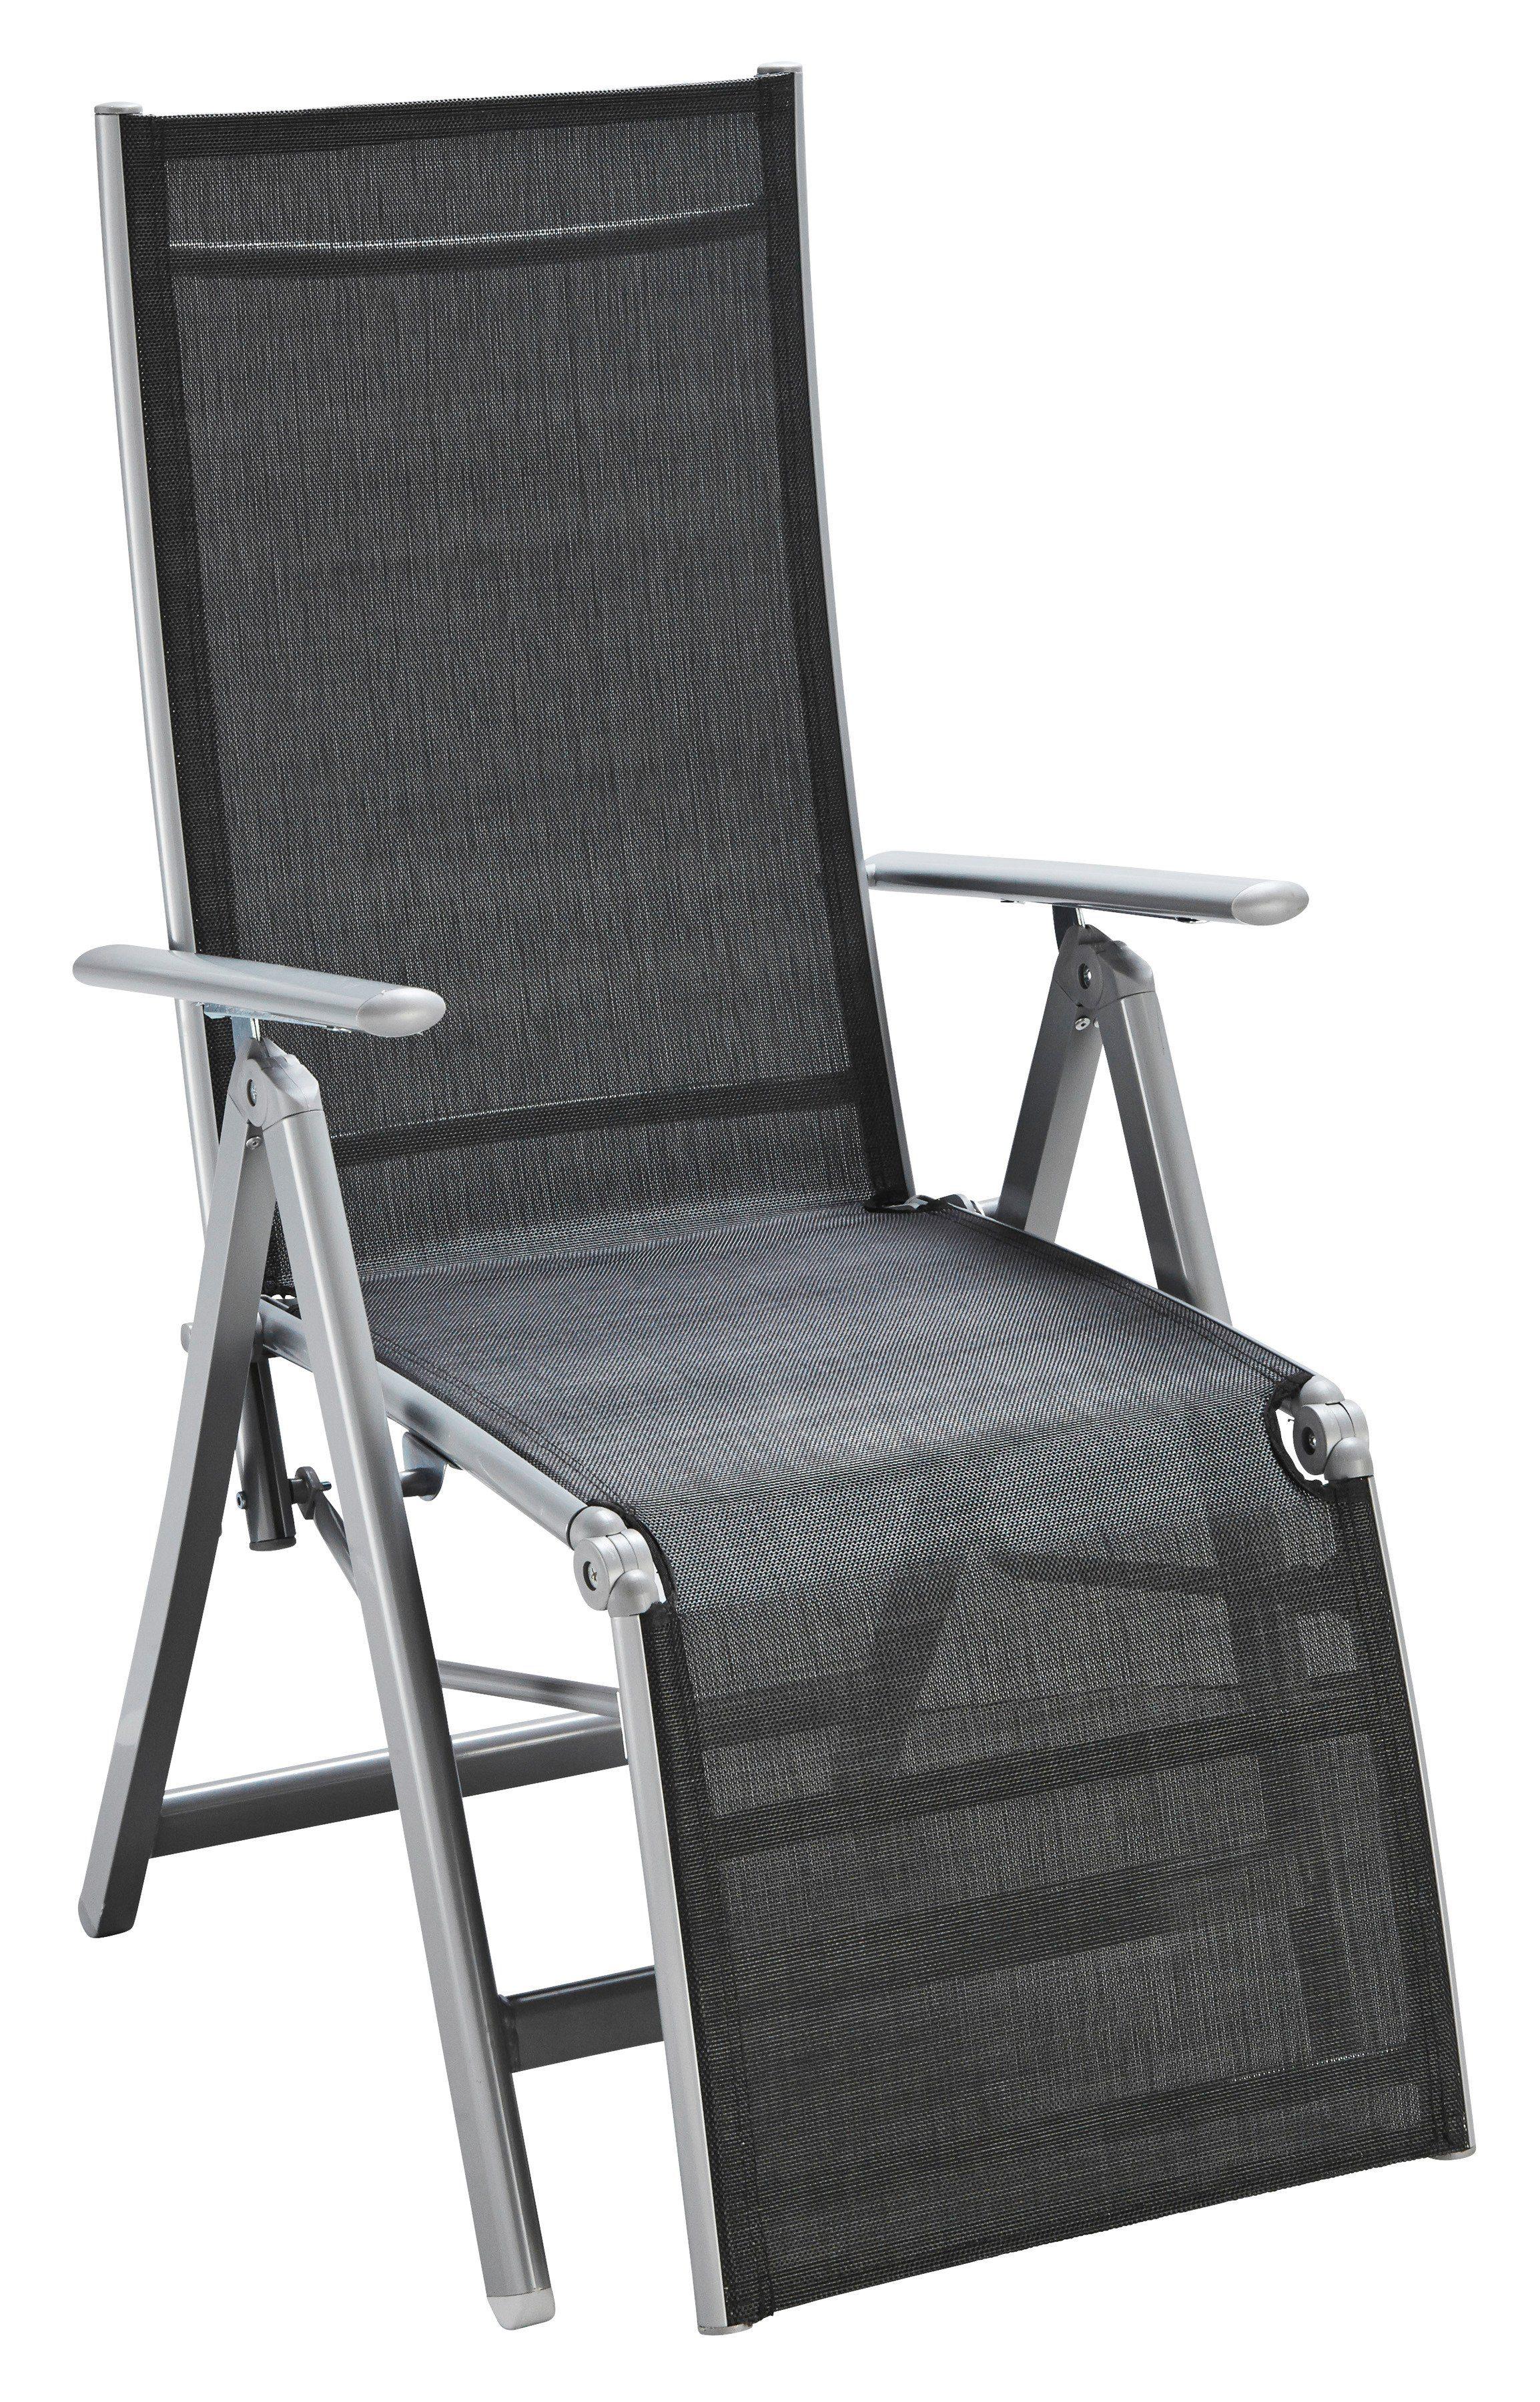 Relaxsessel »Lima«, Alu/Textil, verstellbar, klappbar, schwarz